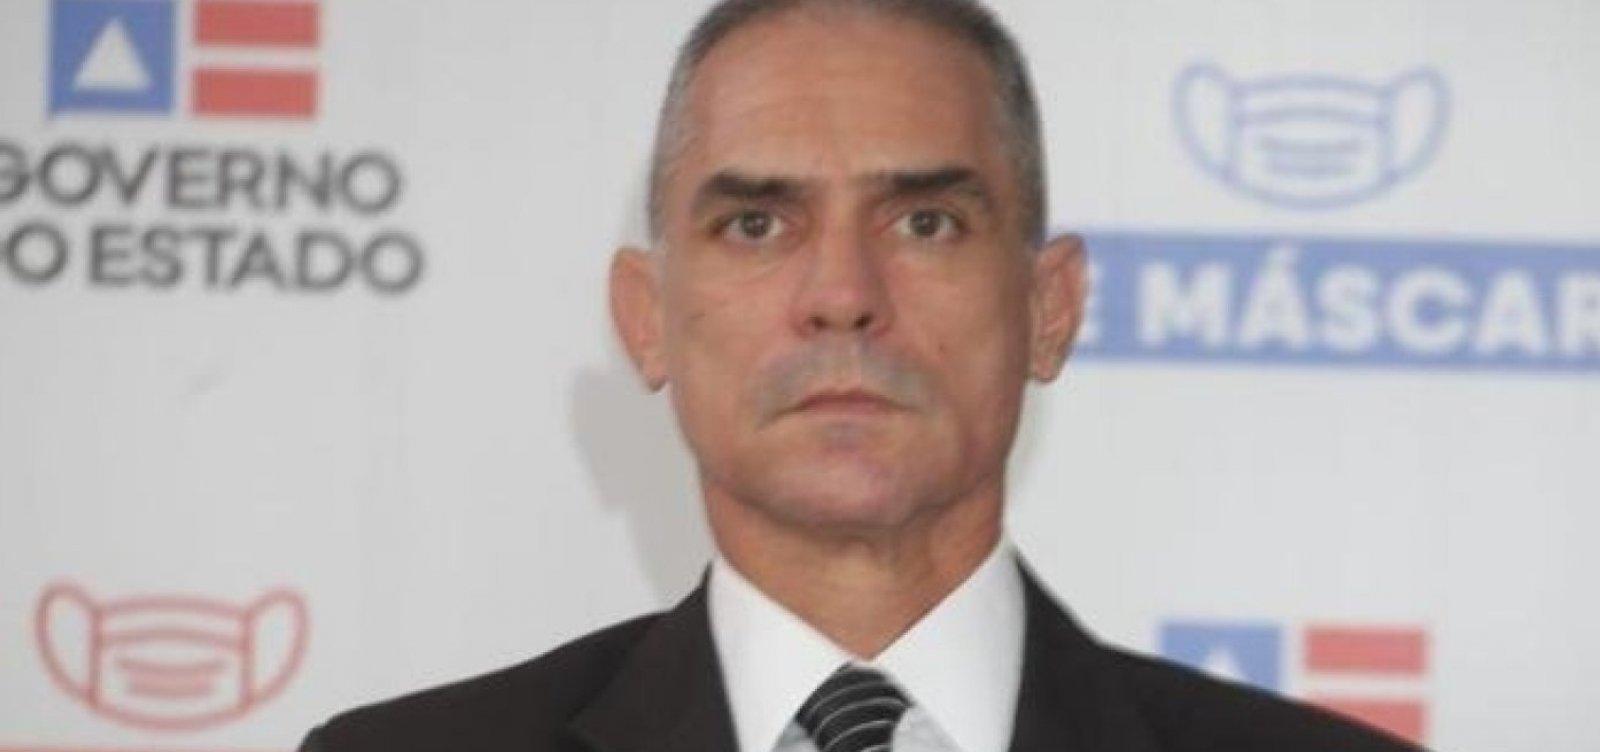 Delegado Hélio Jorge é renomeado subsecretário de Segurança Pública